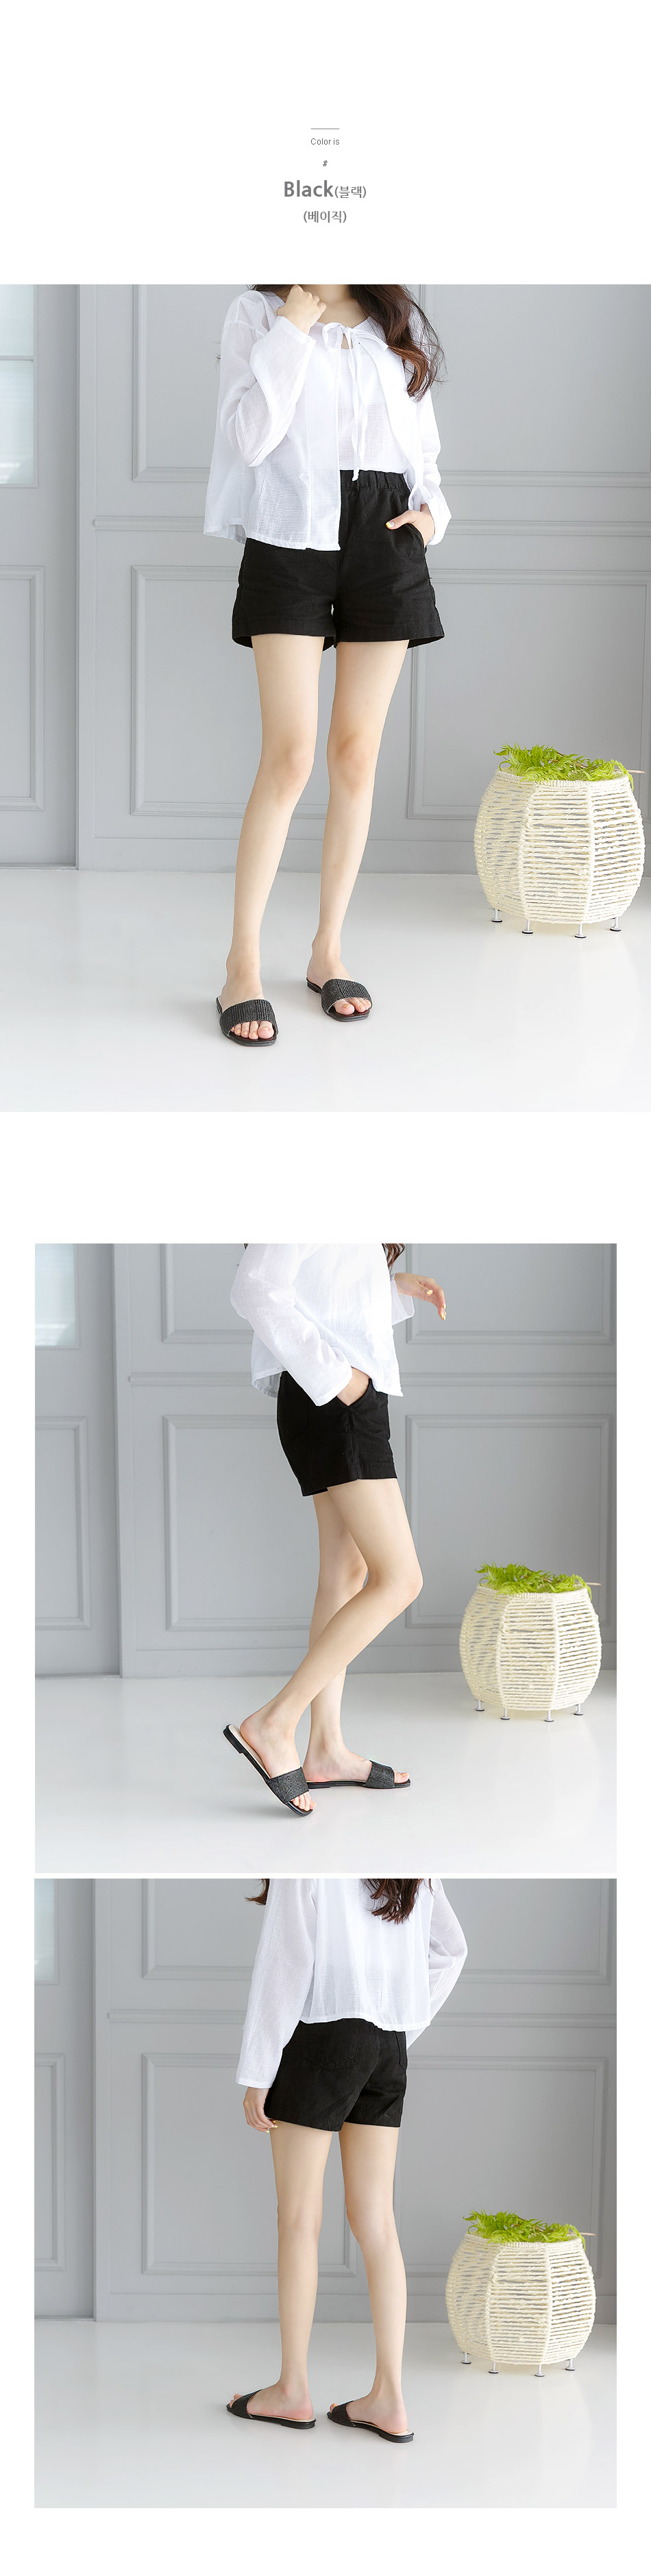 Einzatan Slippers 1cm